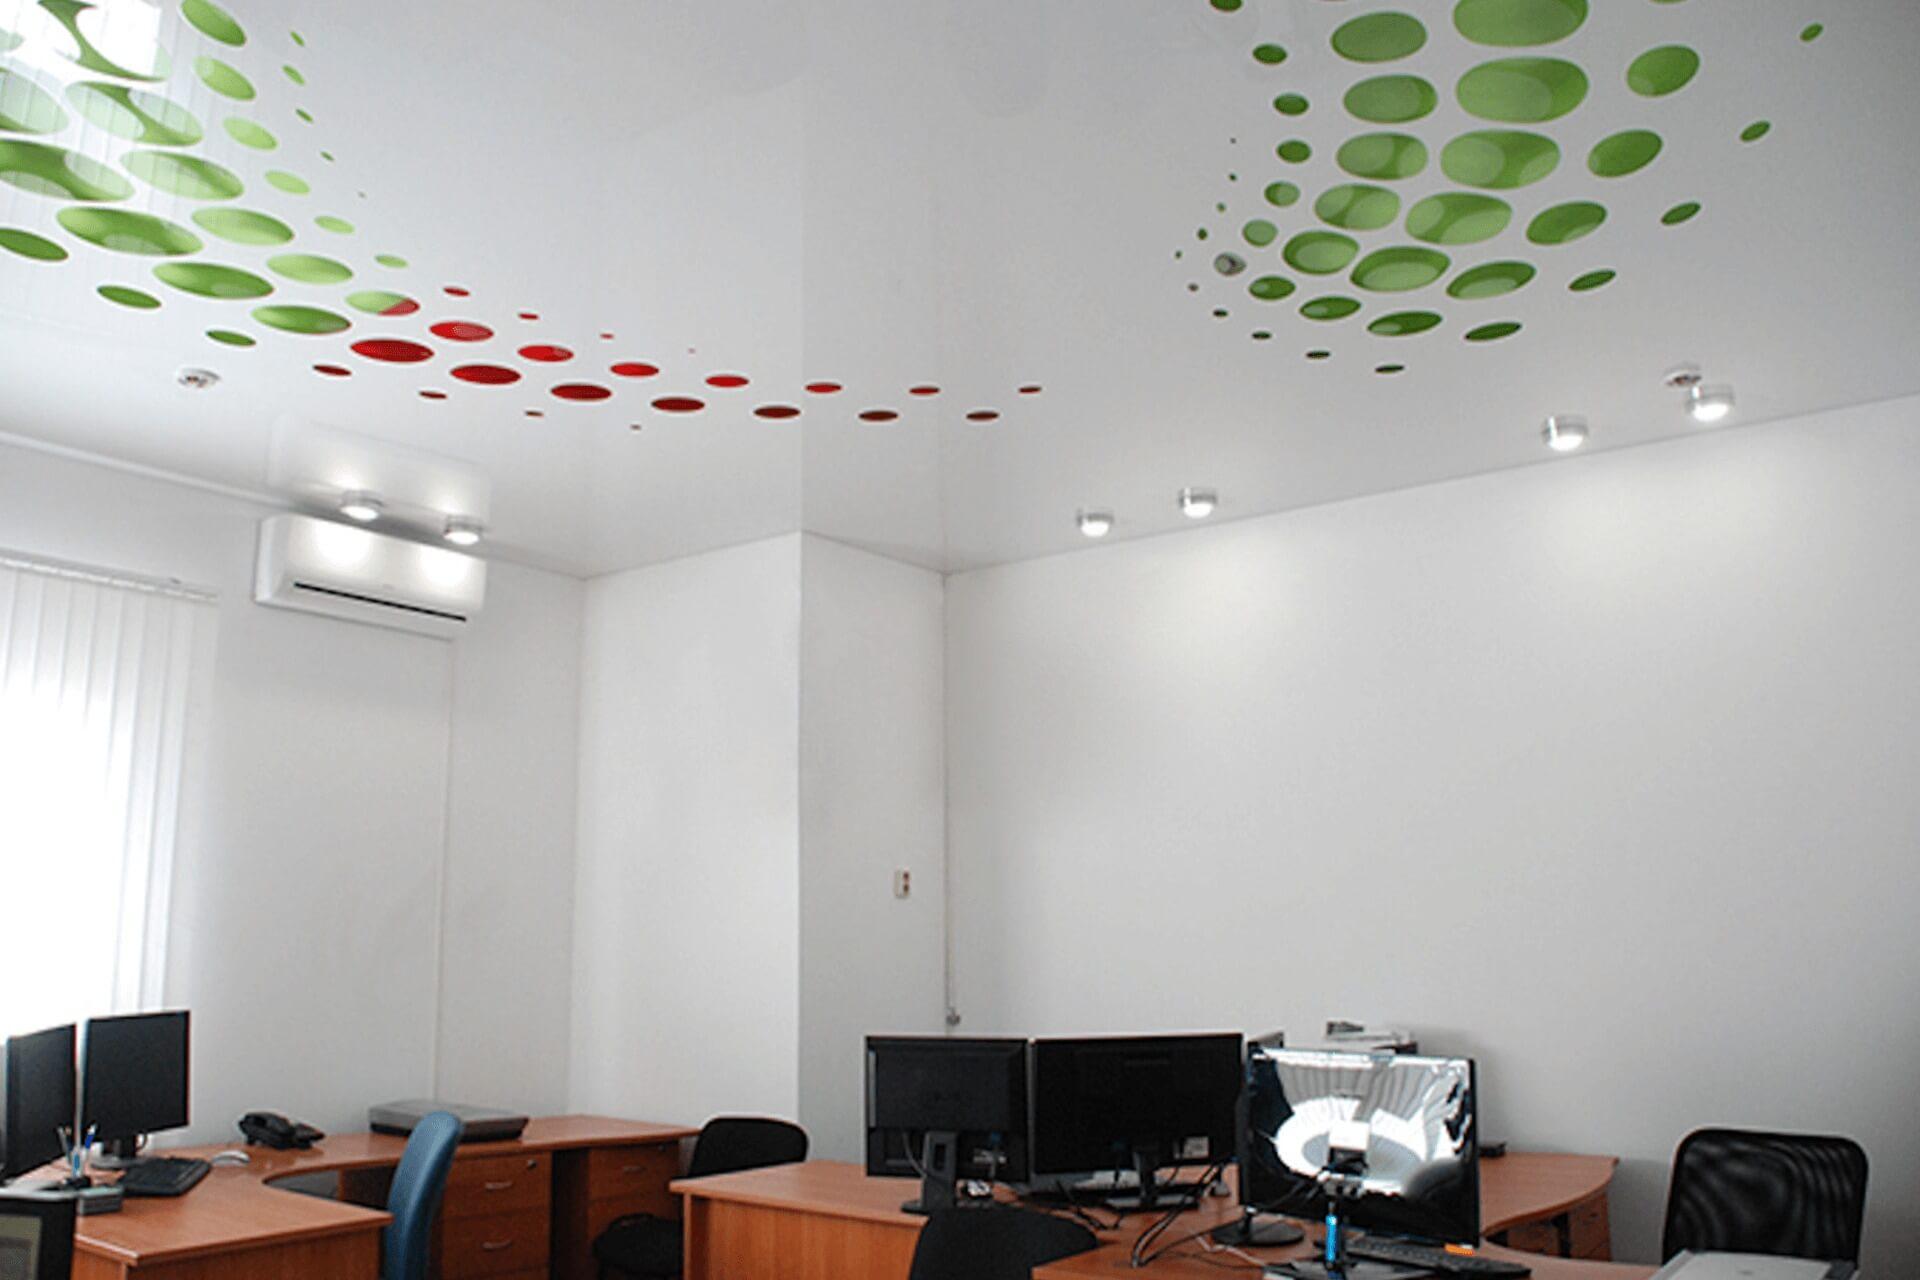 Резной натяжной потолок в офисе